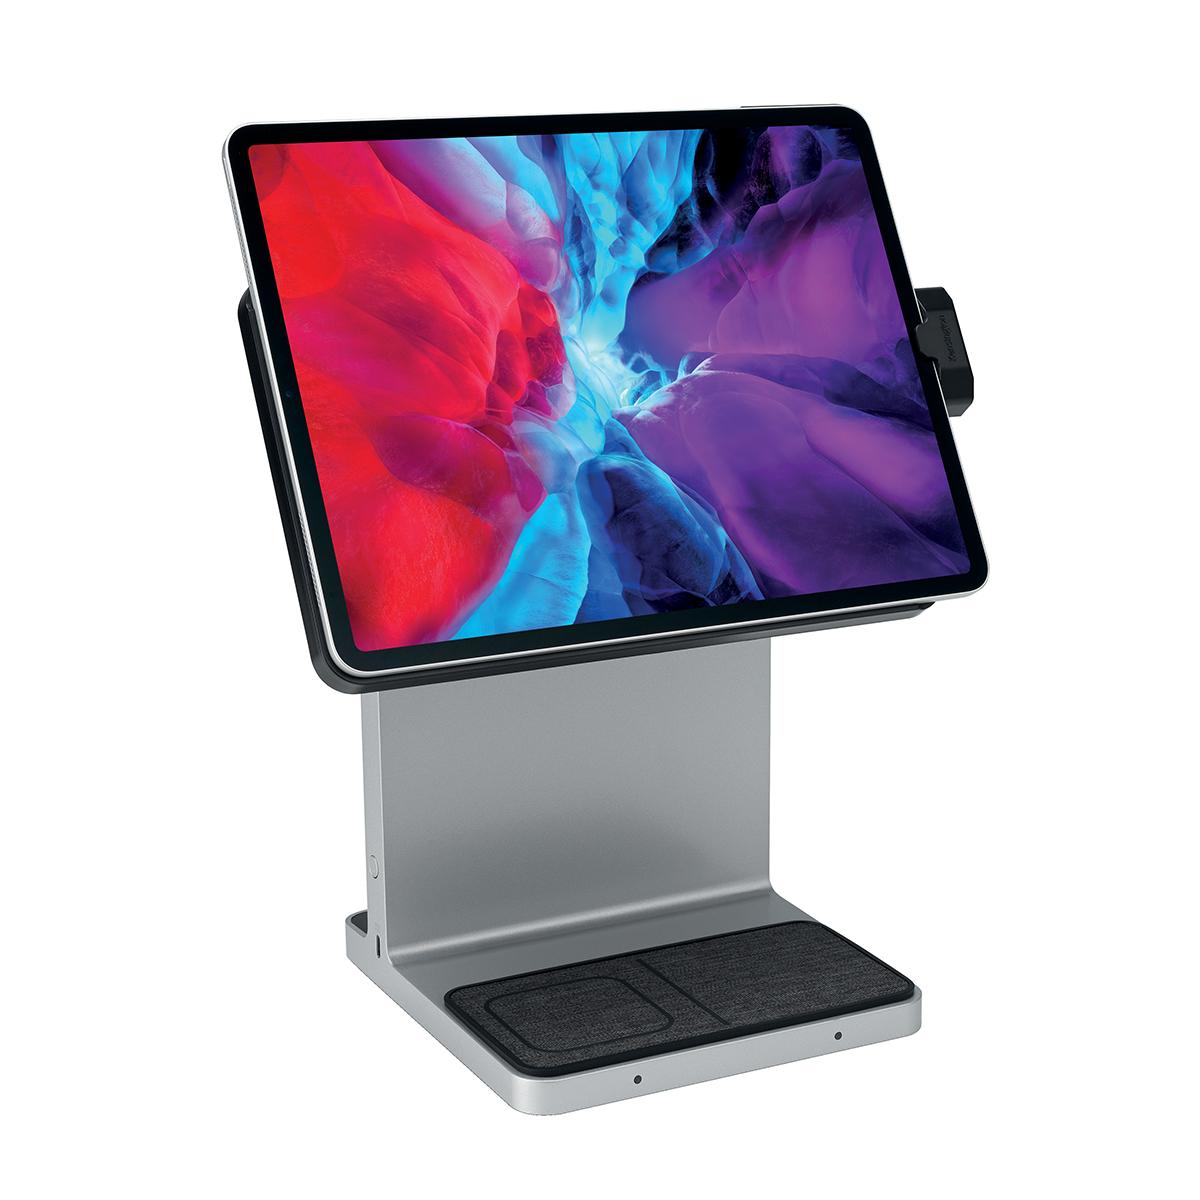 Kensington K34030WW StudioDock iPad Docking Station